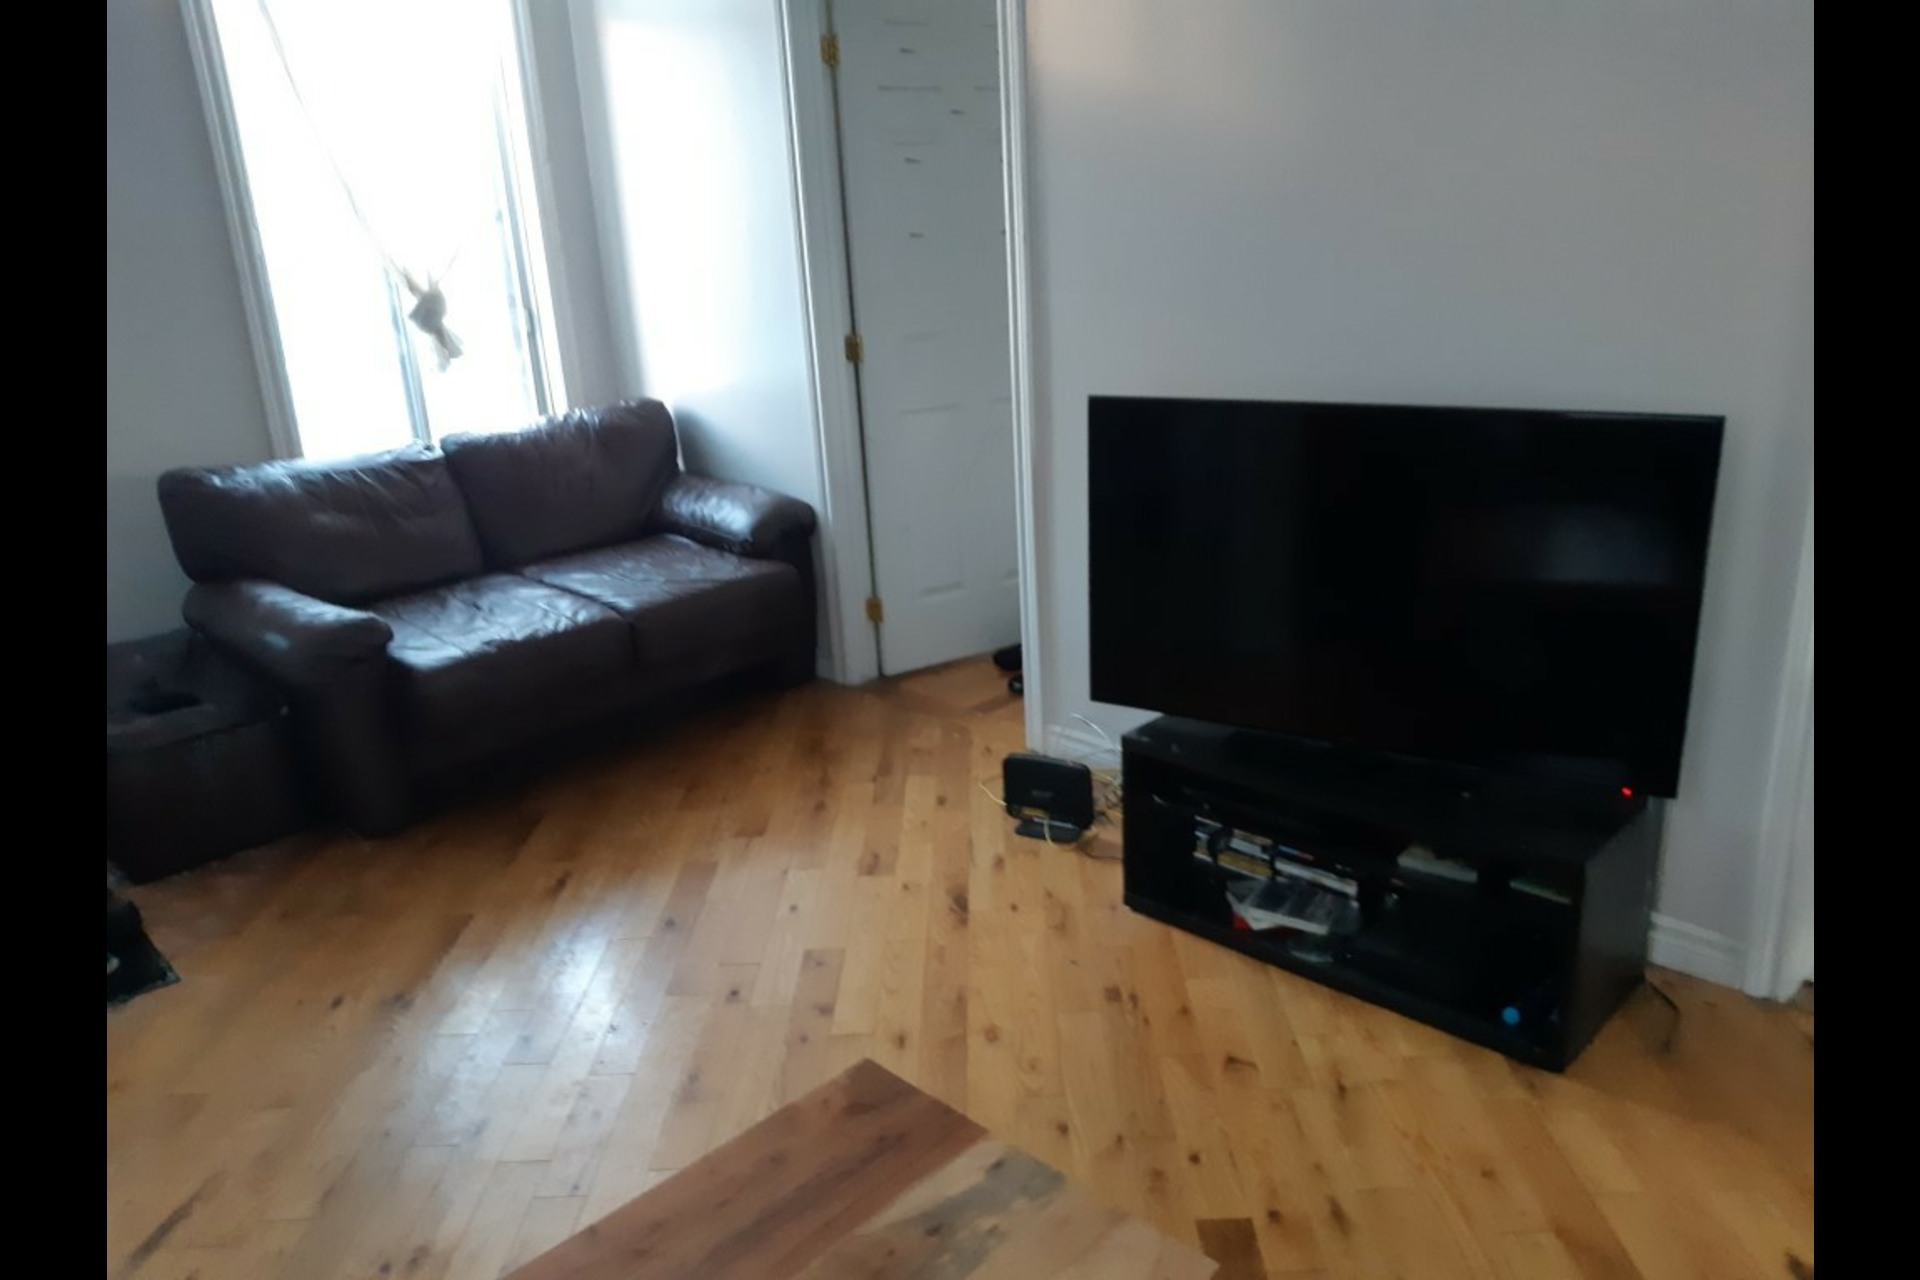 image 2 - Appartement À louer Montréal Hochelaga / Maisonneuve - 5 pièces